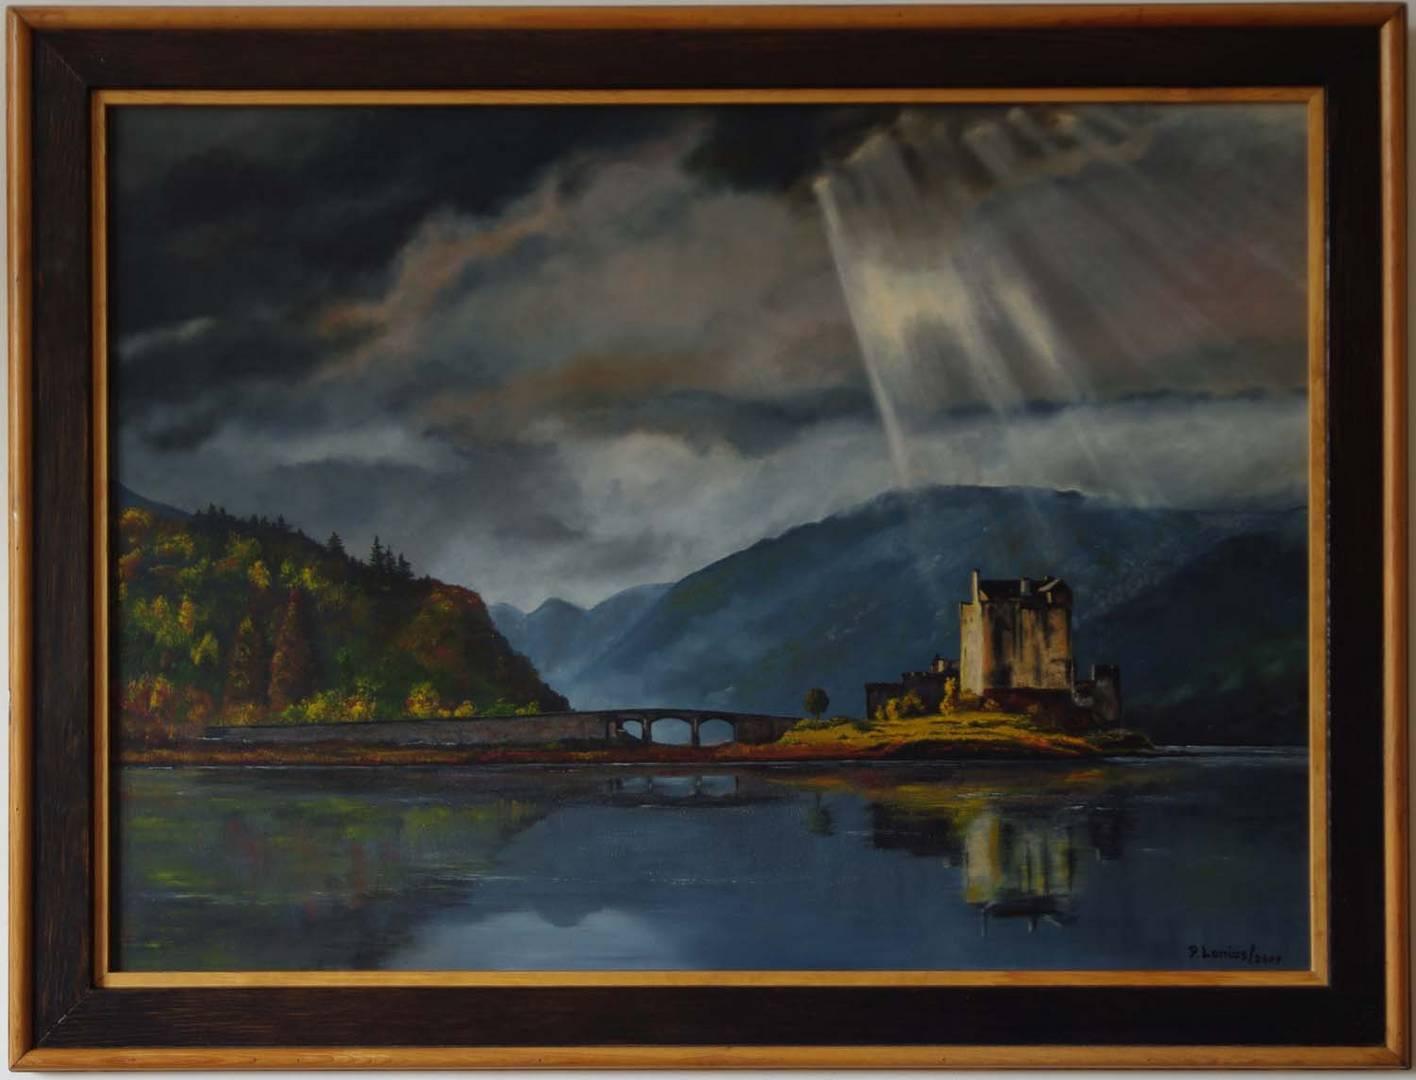 Eilean Donan Castle in Öl gemalt Von Mark (f22) fotogr.